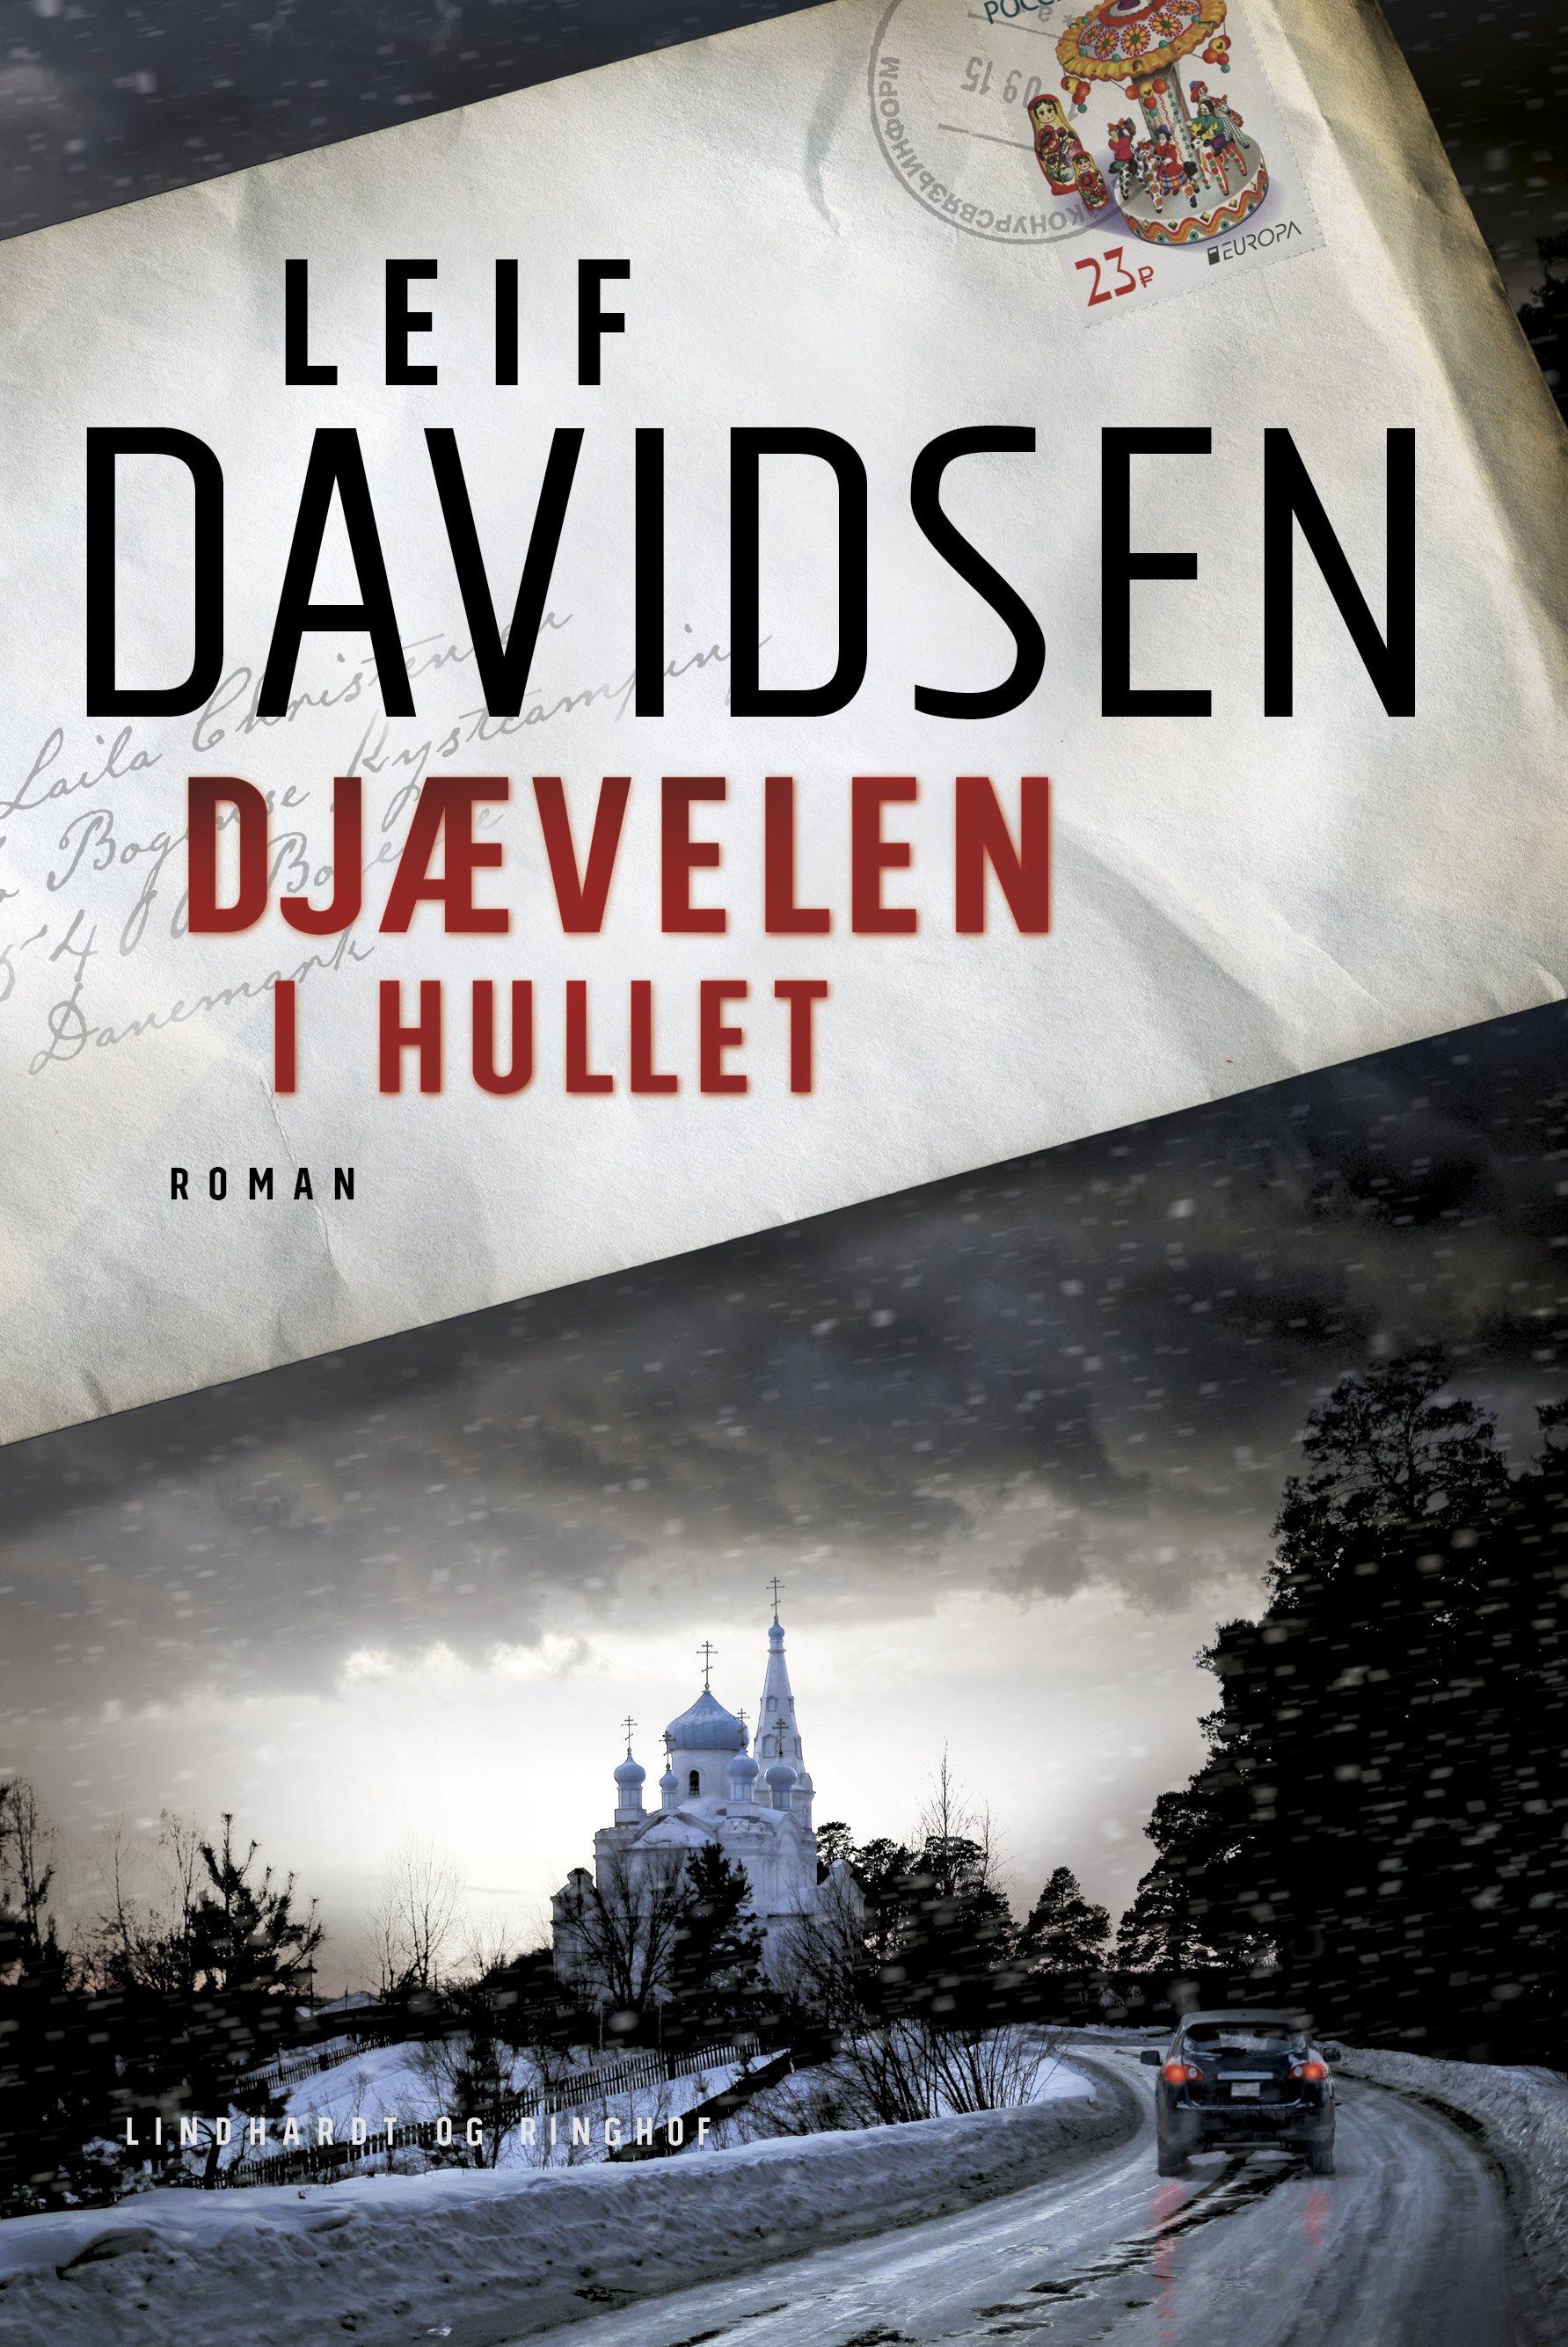 Leif Davidsen, Djævelen i hullet, Tag ikke imod en pølse i Moskva